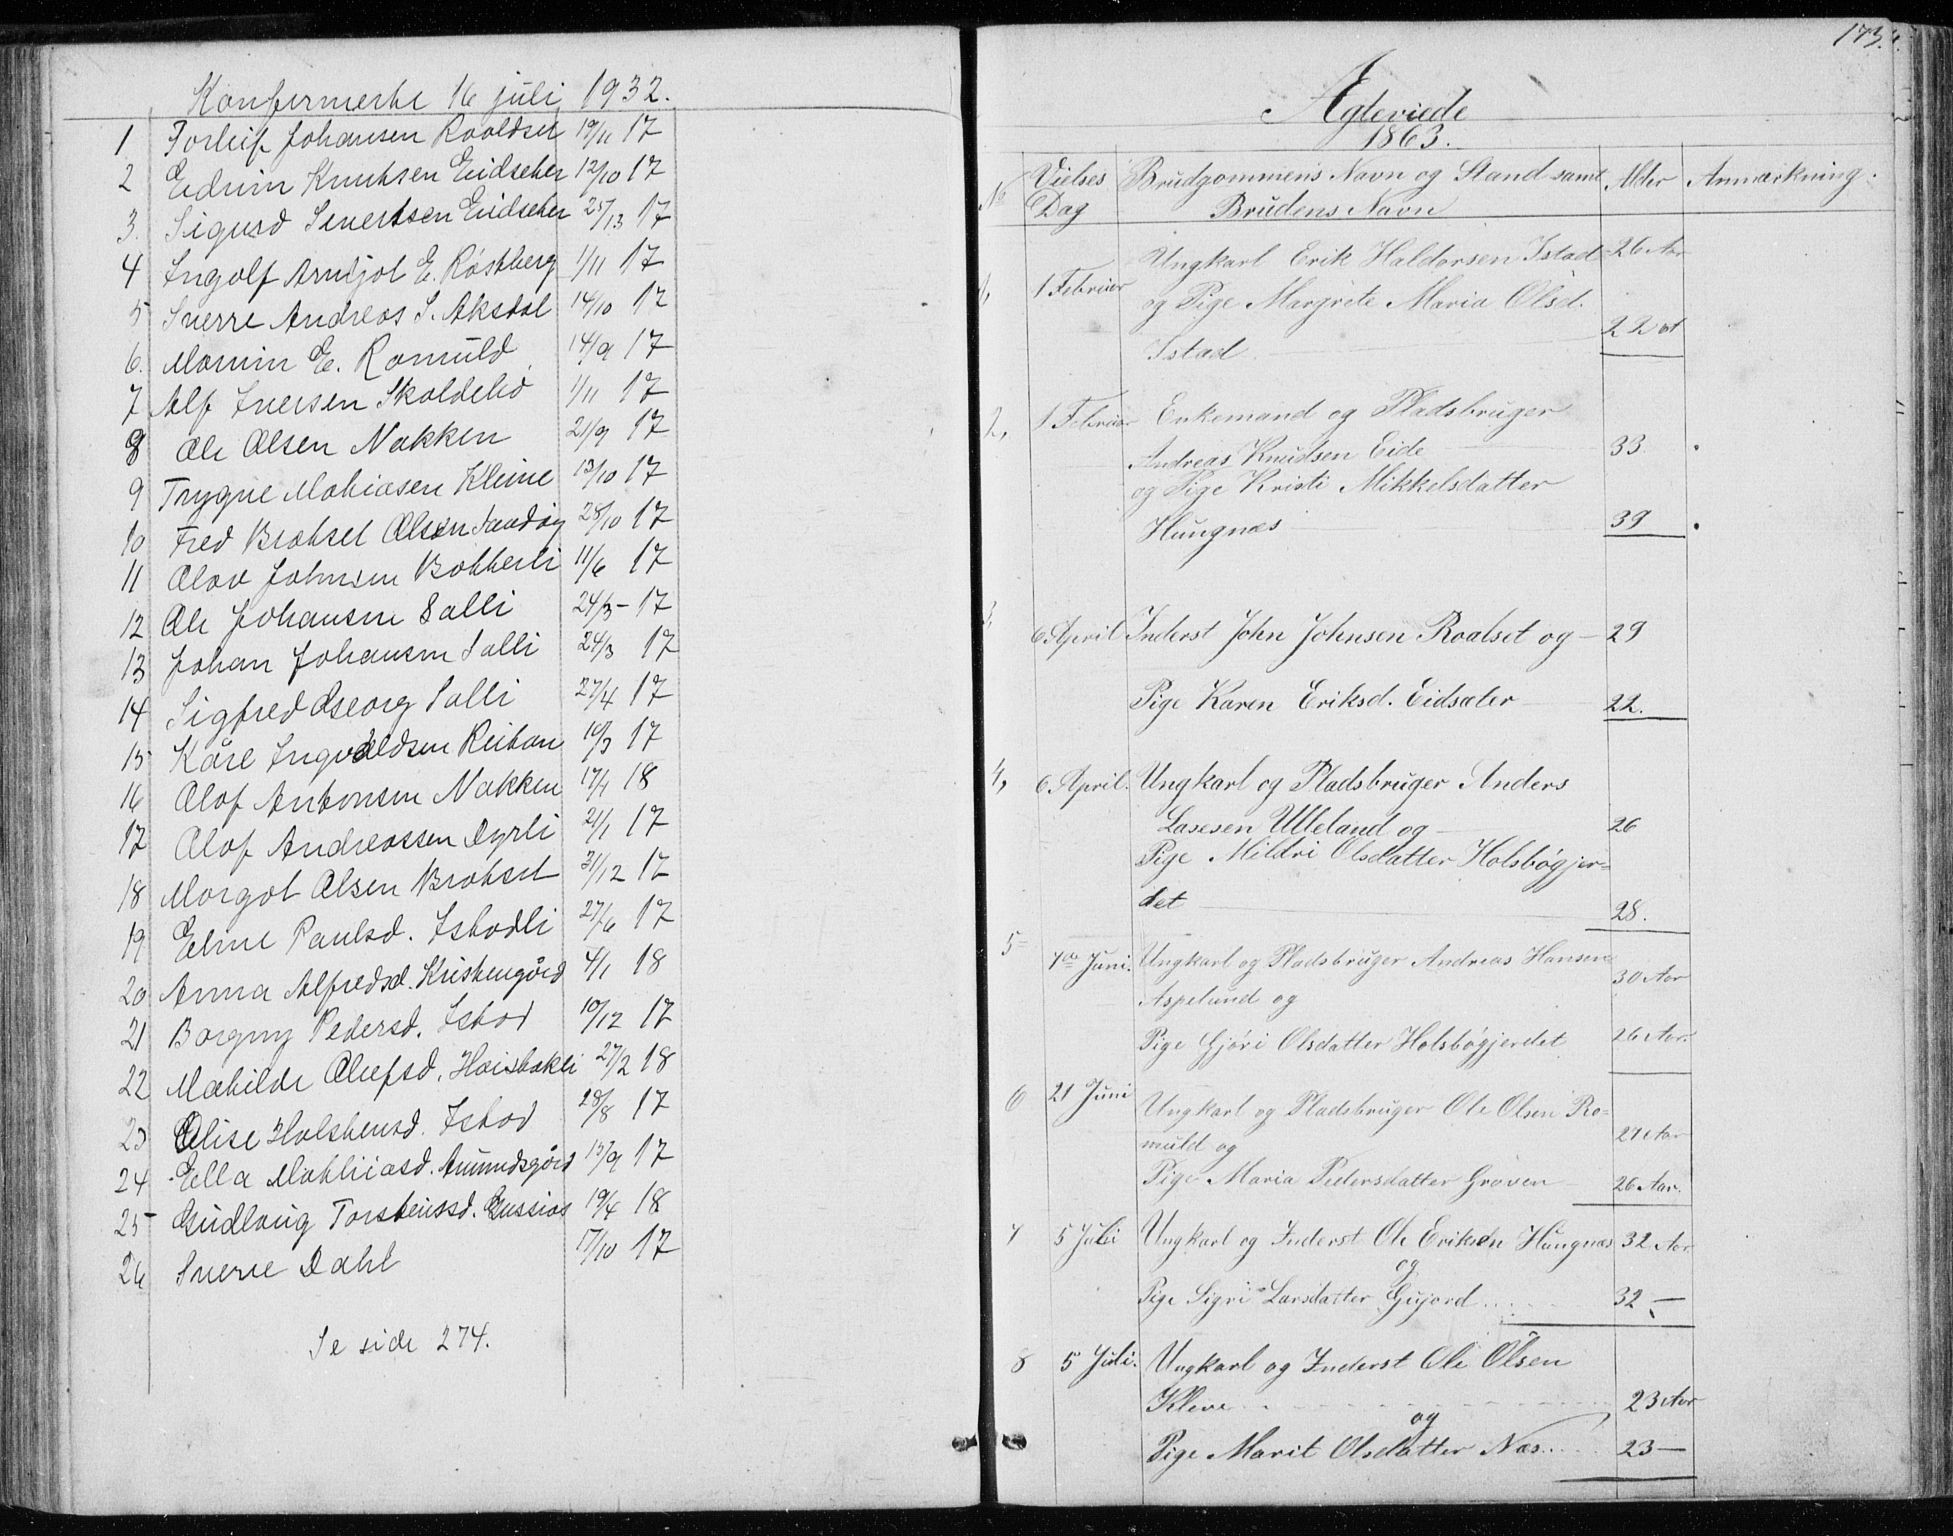 SAT, Ministerialprotokoller, klokkerbøker og fødselsregistre - Møre og Romsdal, 557/L0684: Klokkerbok nr. 557C02, 1863-1944, s. 173